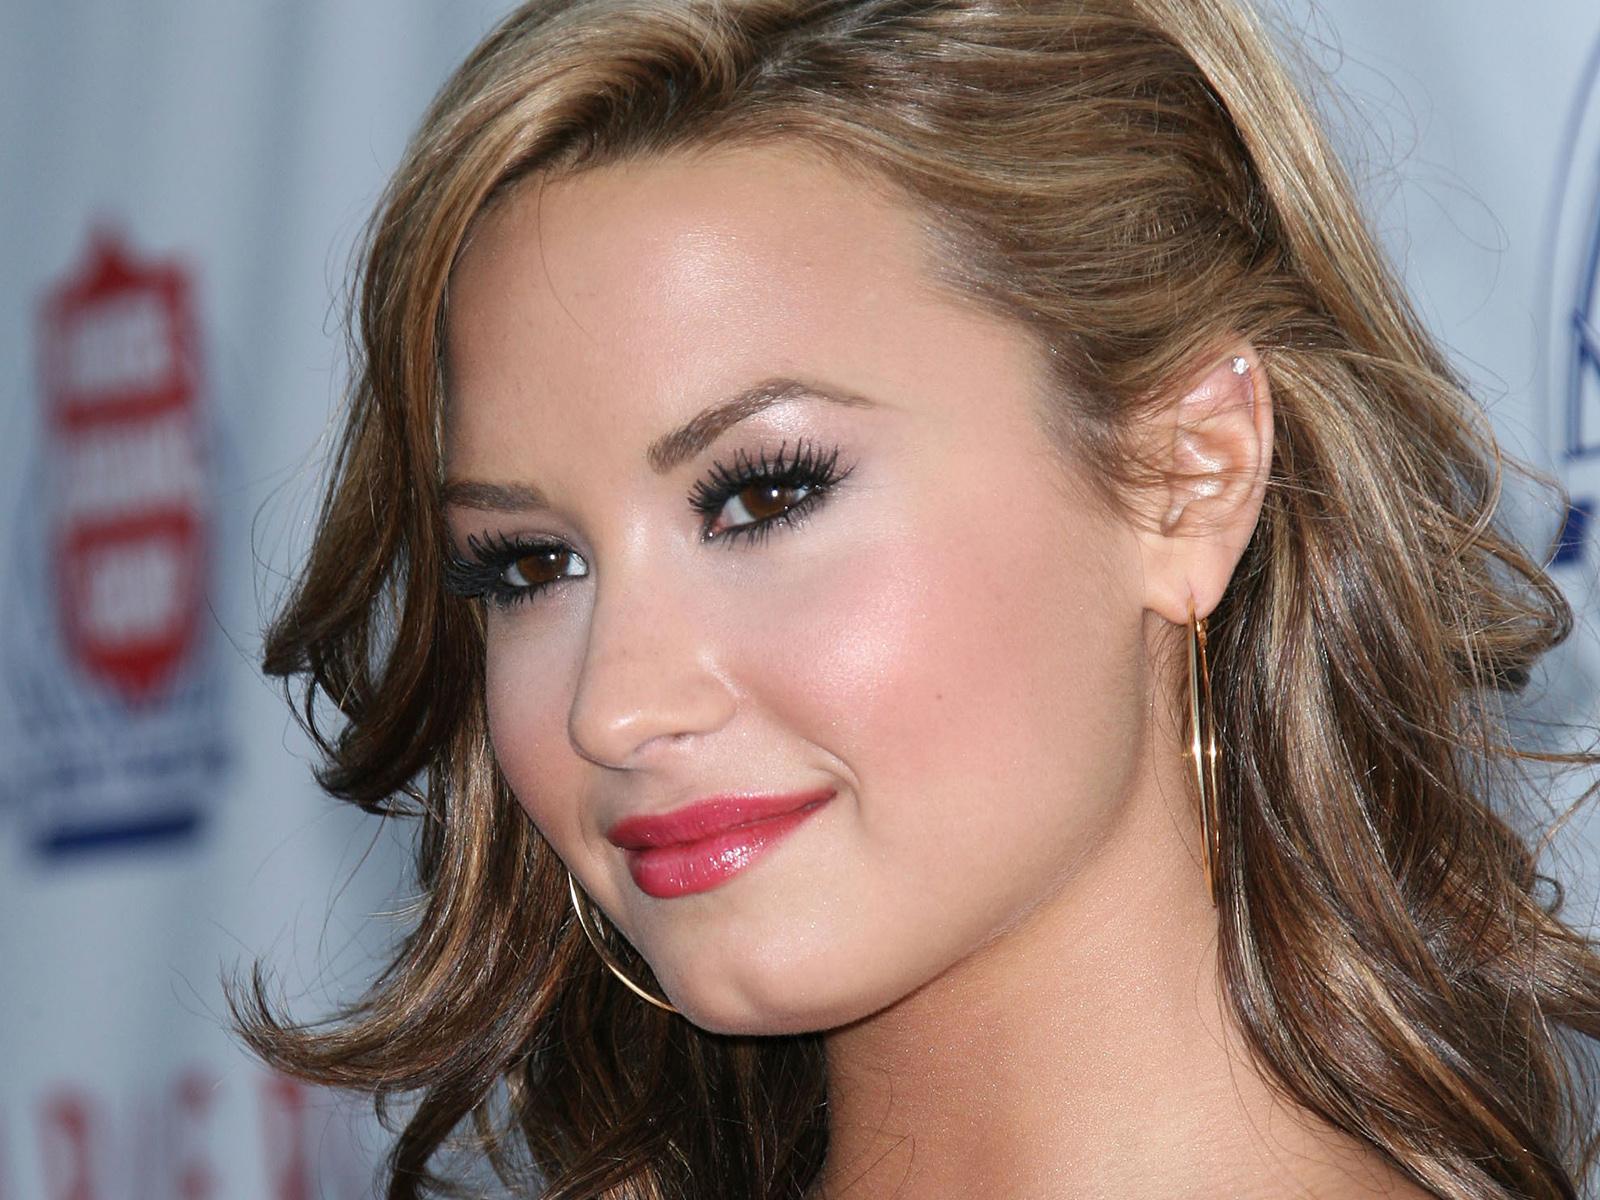 http://1.bp.blogspot.com/-5bxKdWZwMAI/T-muDHOVPCI/AAAAAAAAChU/50teUqDUvNY/s1600/Demi-Lovato-005.jpg